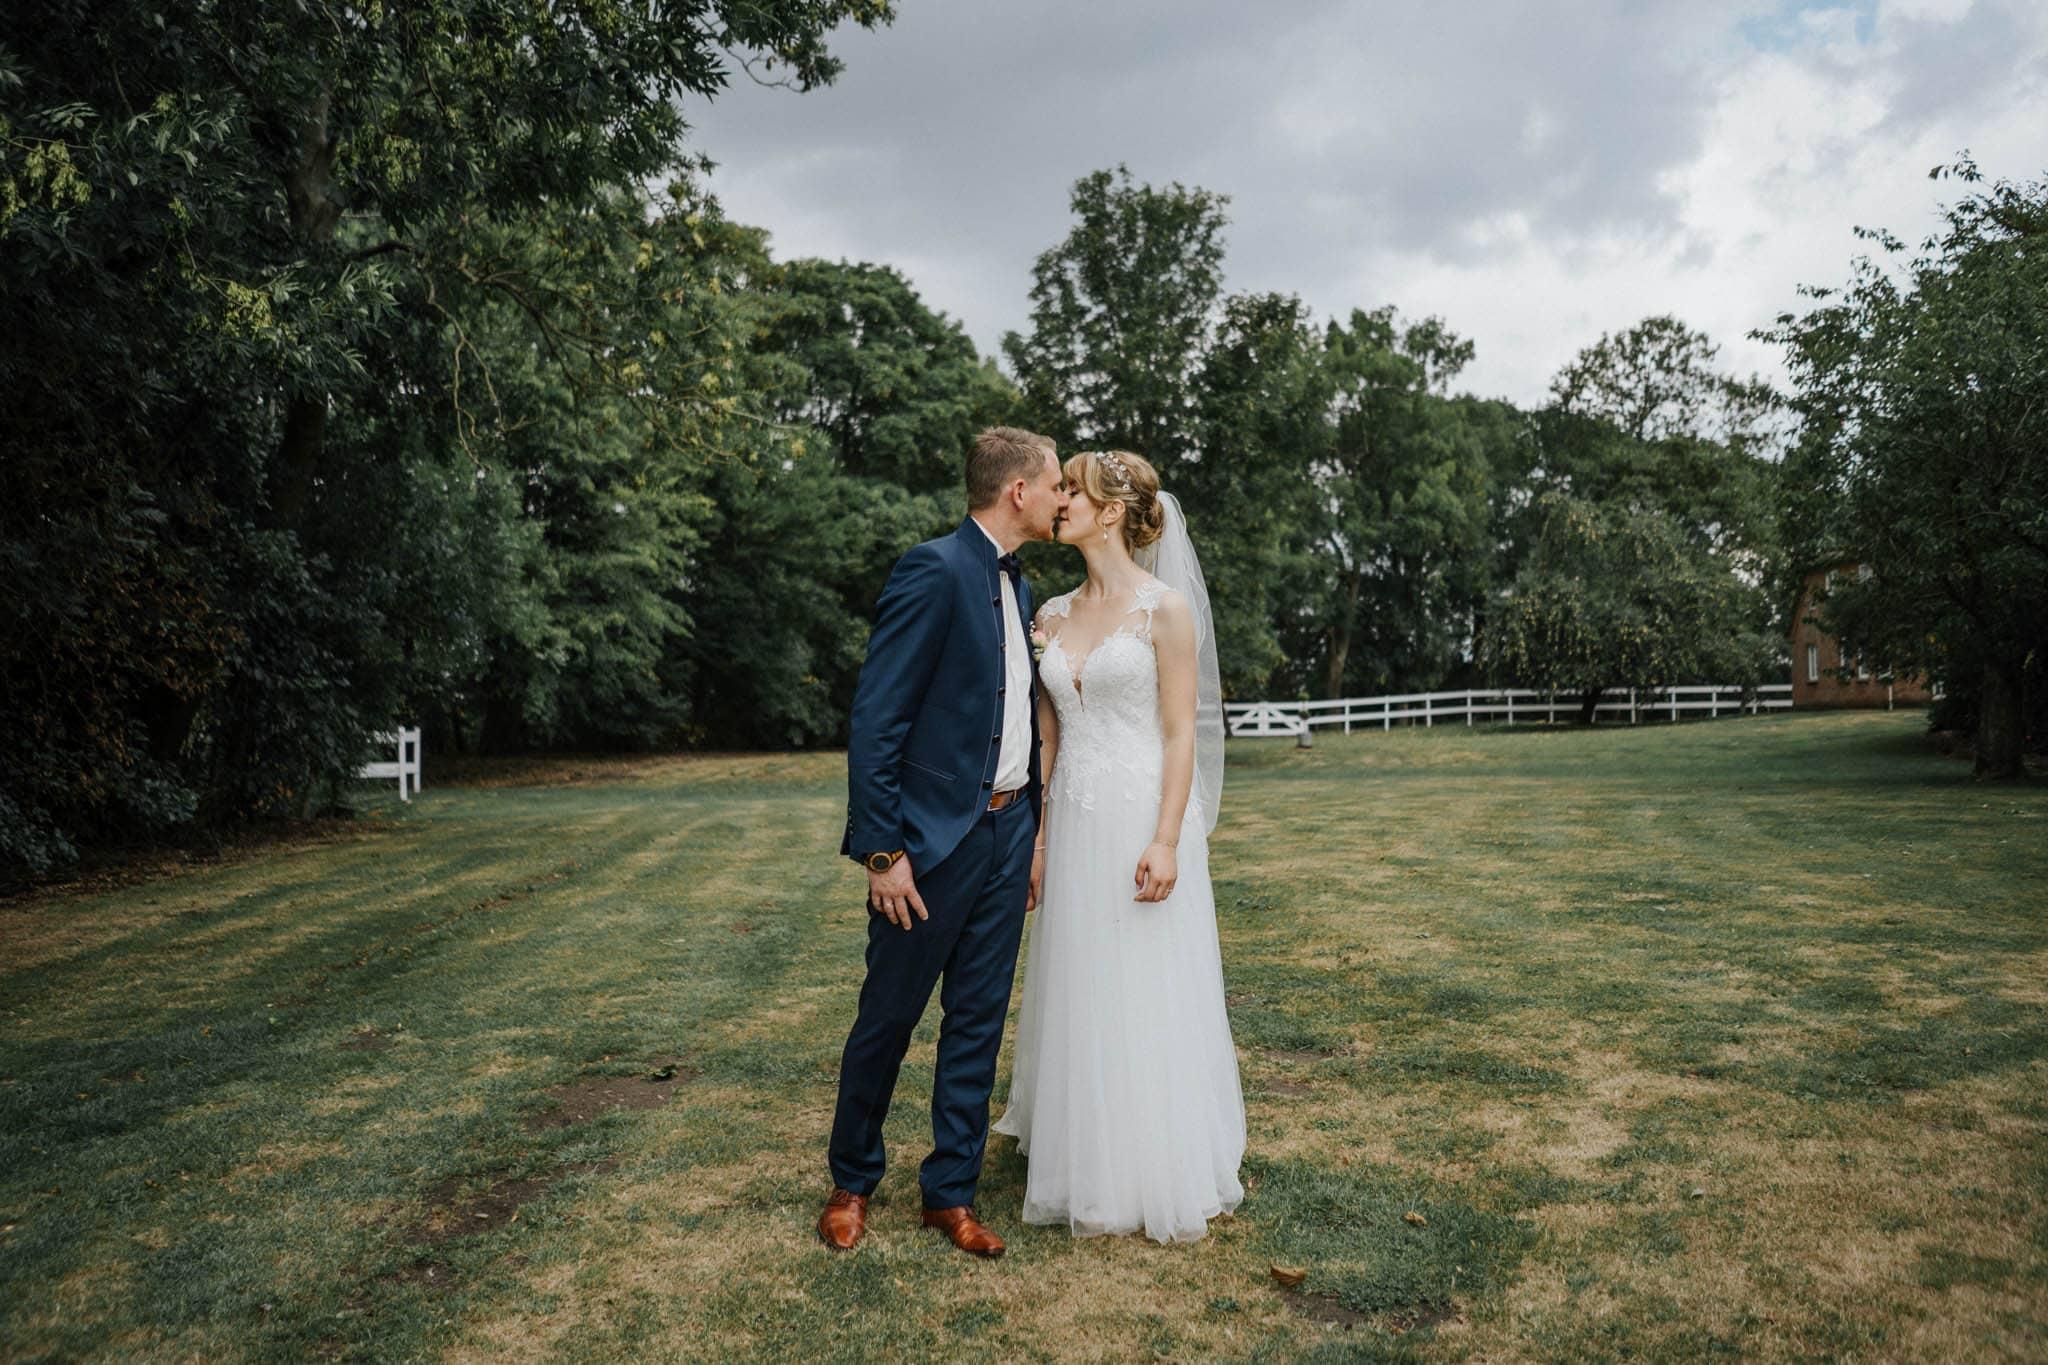 Hochzeitsfieber by Photo-Schomburg, Hoichzeitsfotograf, Hamburg, Wedding, Weddingtime, Hochzeitspaar, Braut, Bräutigam, Hochzeit im Norden,-91